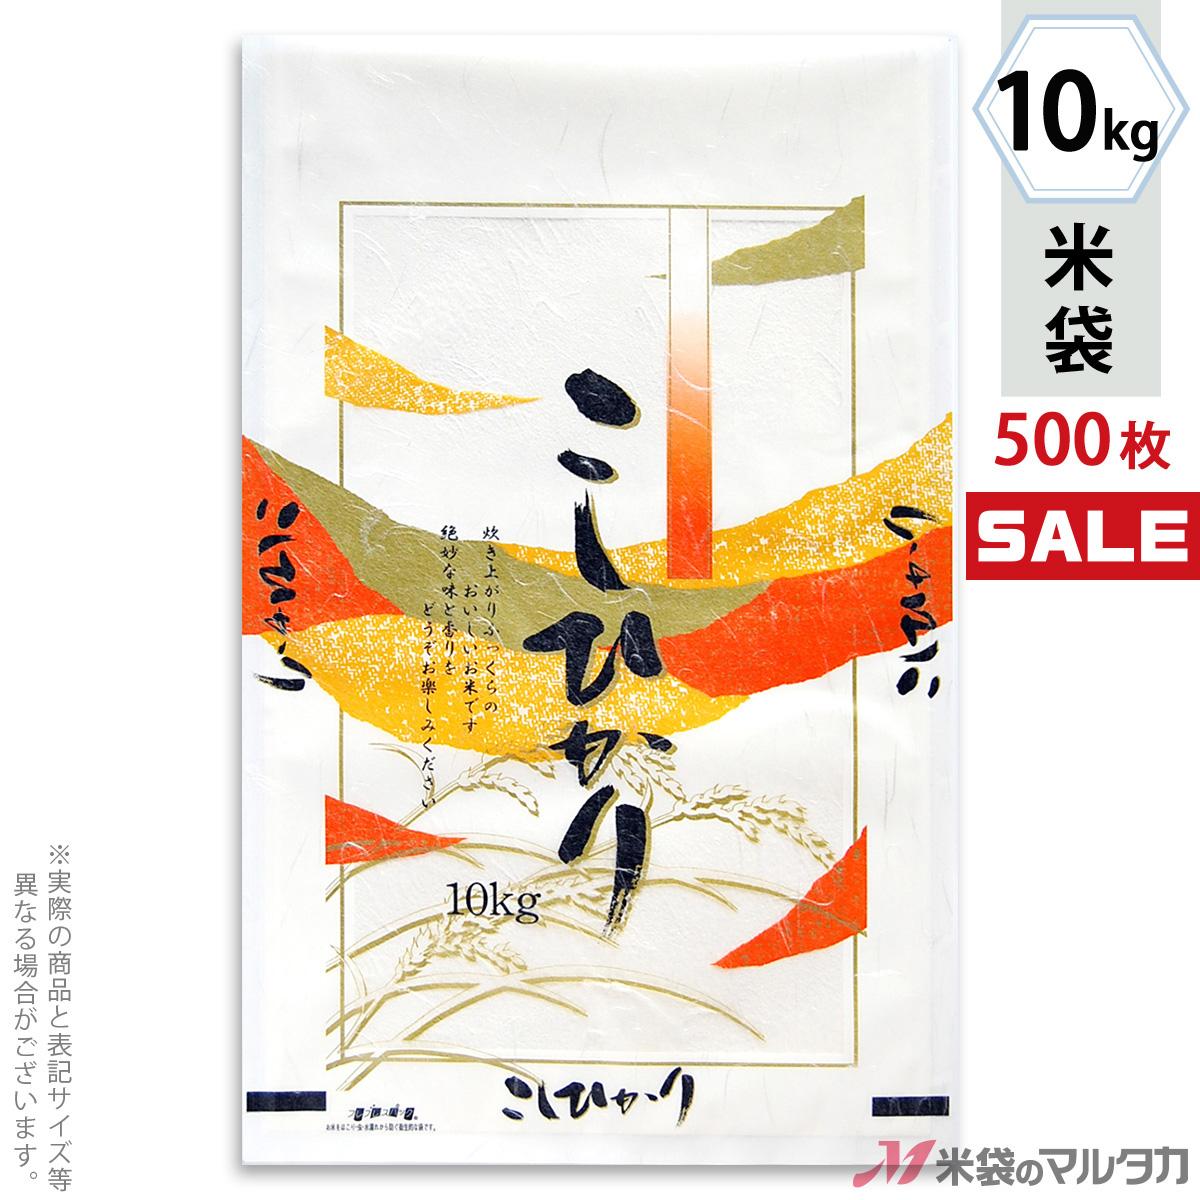 <キャンペーン対応>米袋 雲龍和紙 フレブレス こしひかり 錦 10kg 1ケース(500枚入) MK-0840